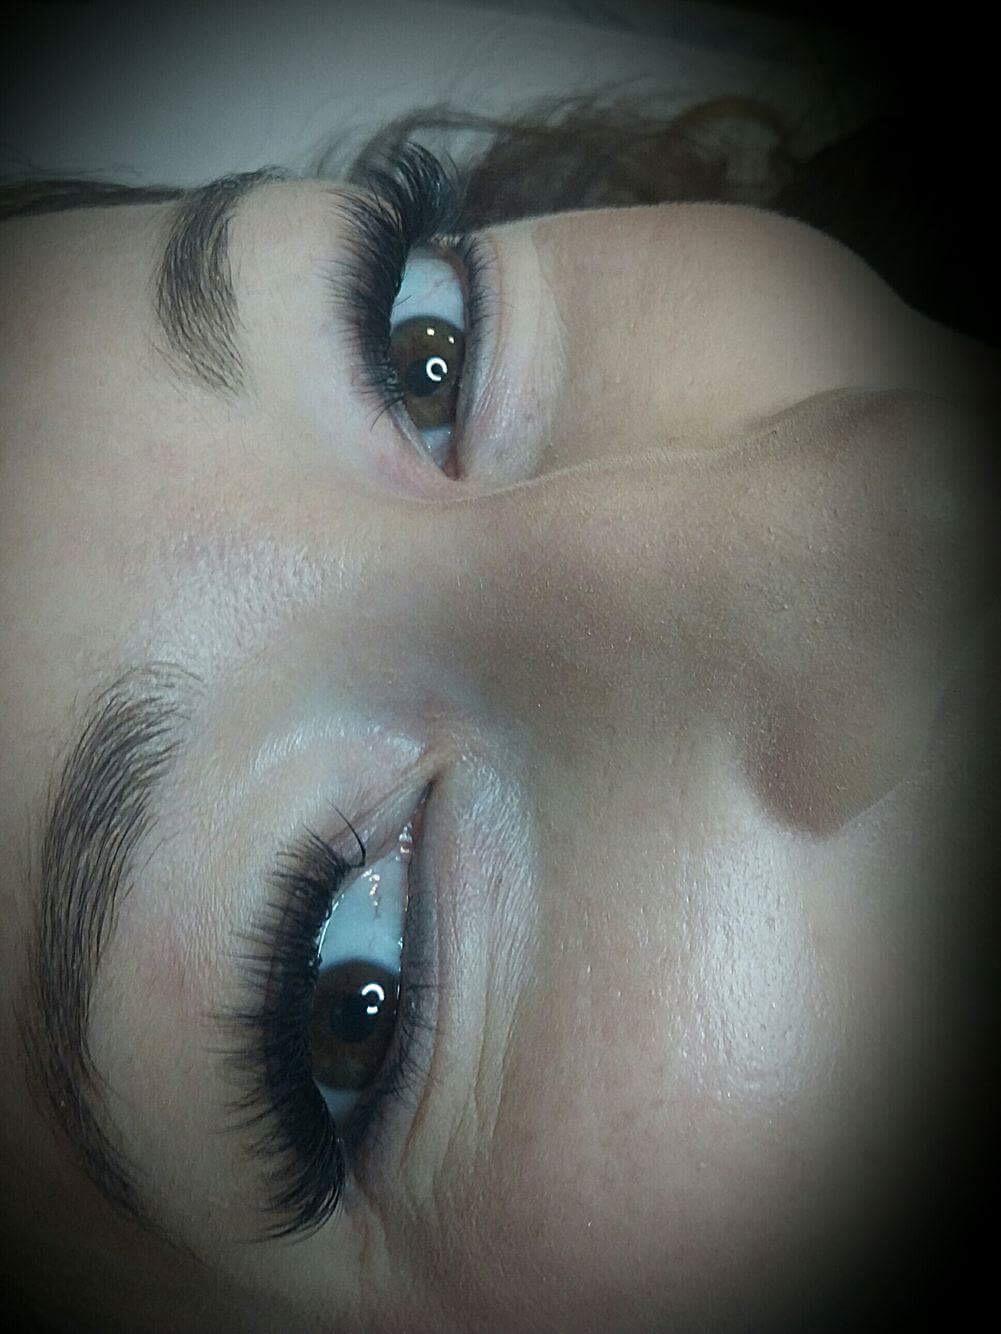 laserowe-love-raciborz-manicure-kosmetyczka-stylizacja-rzes-metoda-objetosciowa-8819